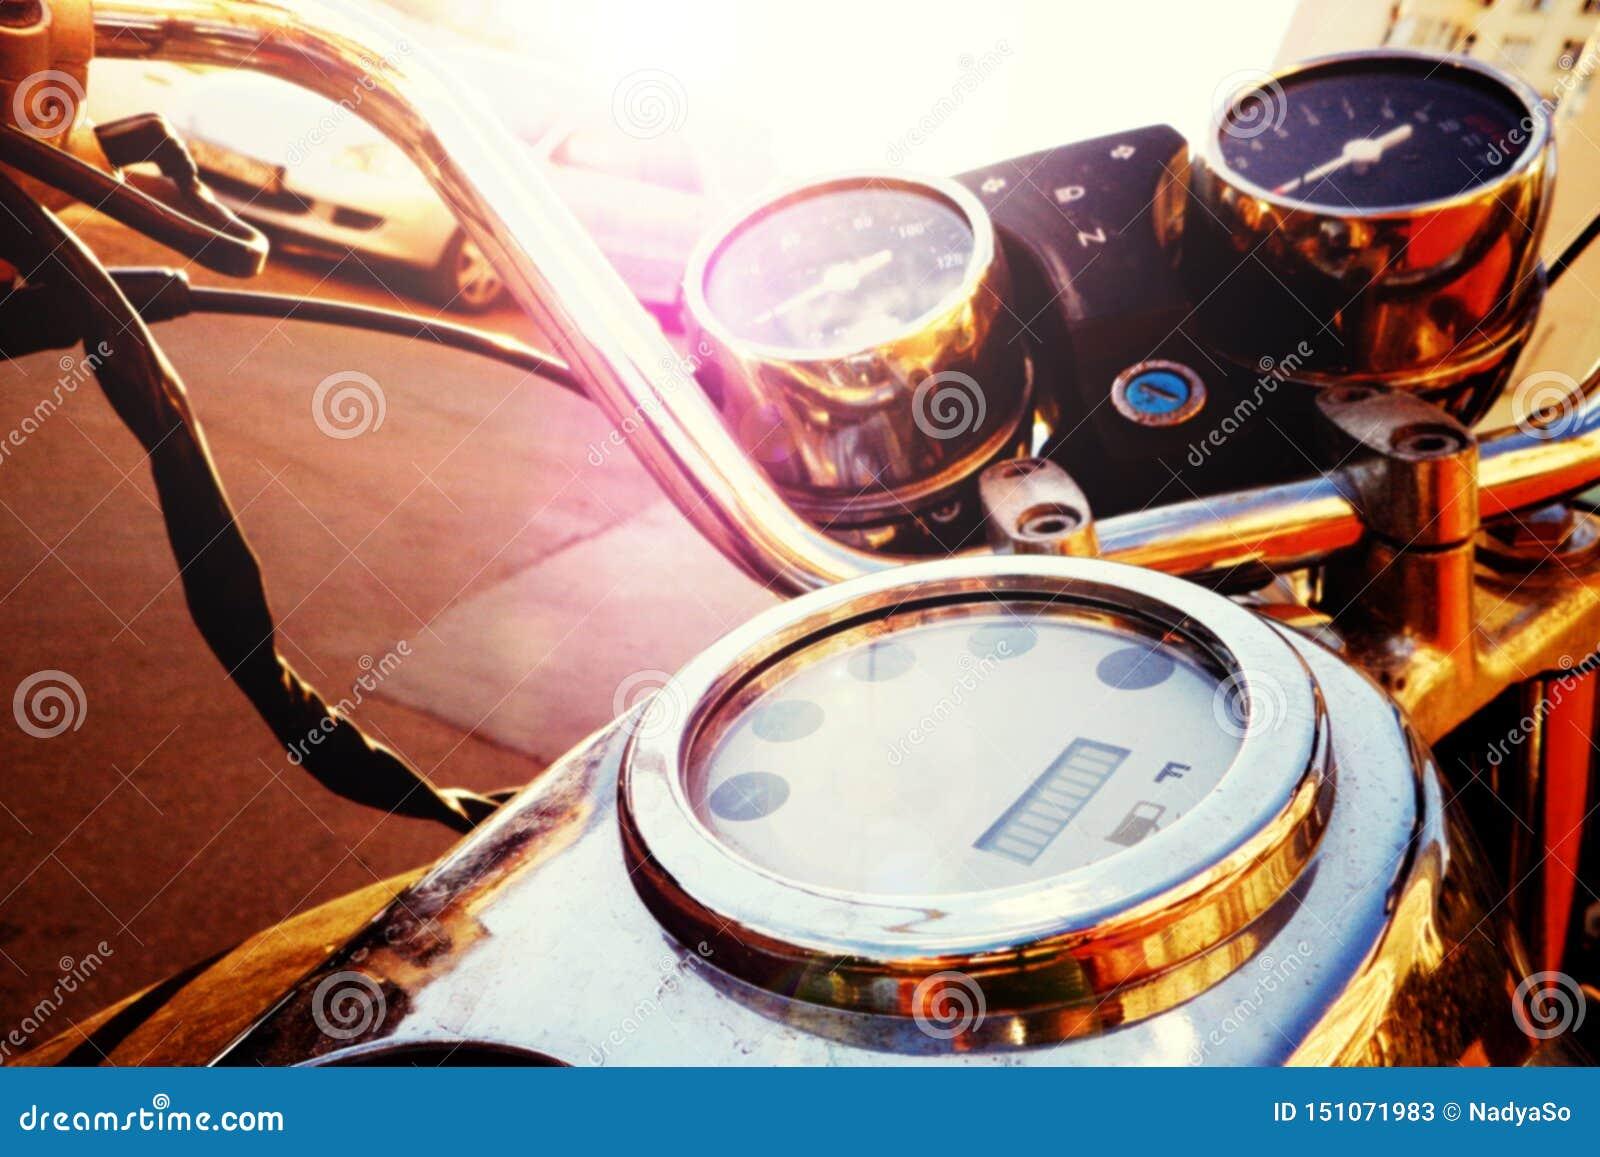 Старомодный мотоцикл с handlebar и приборной панелью в подкрашиванной слепимости солнца,